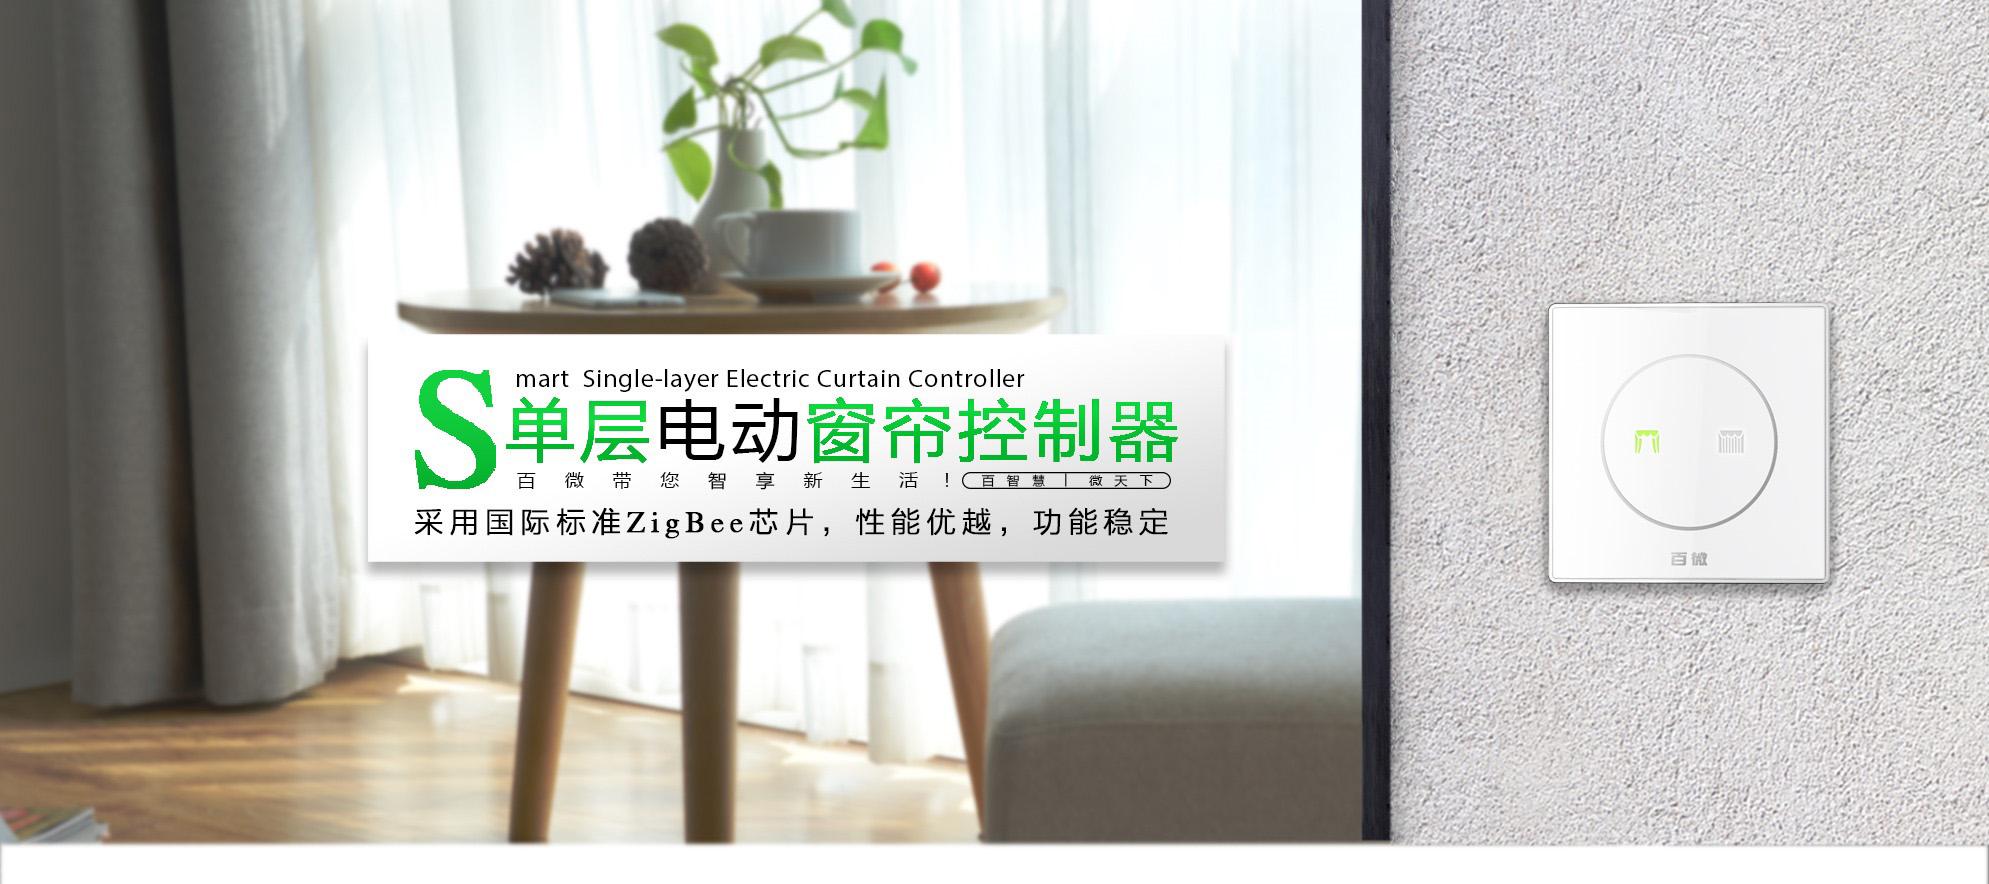 单层电动窗帘控制器